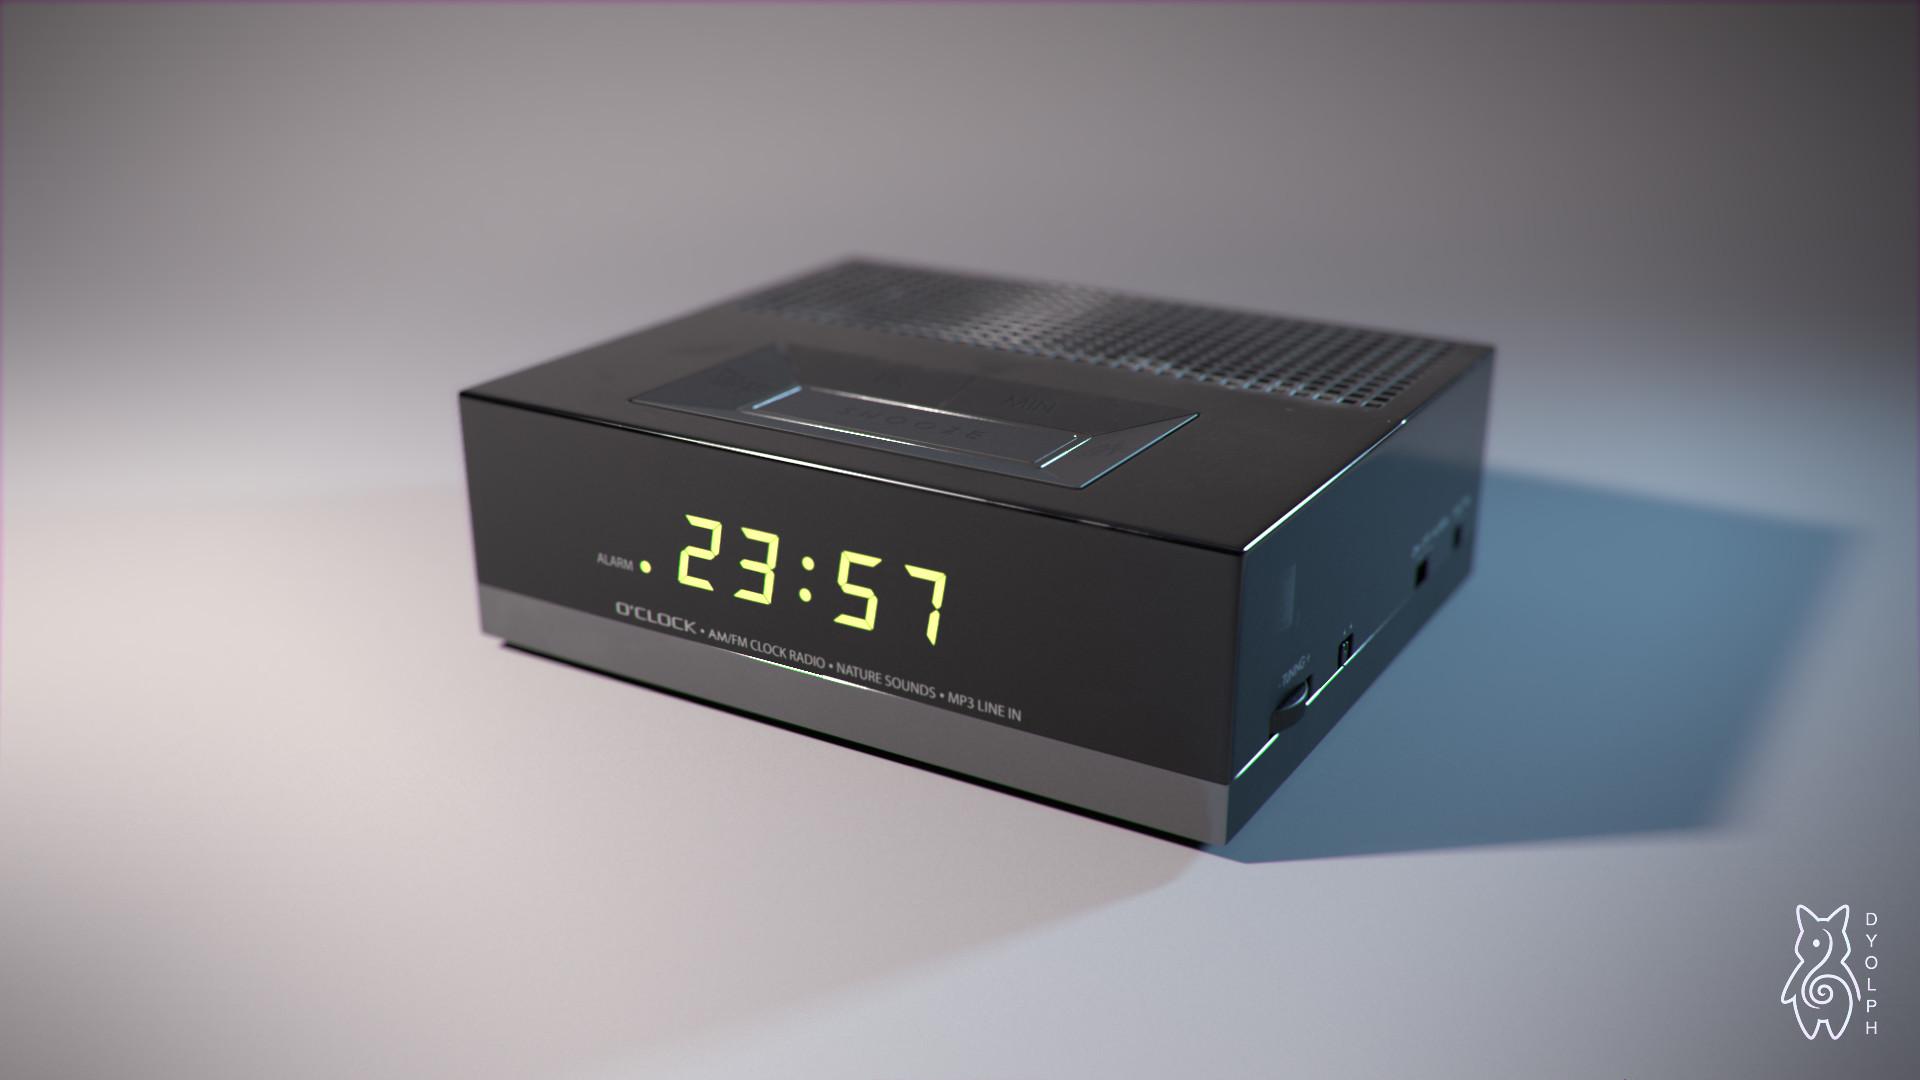 ArtStation - Alarm clock, Dylan Caillé